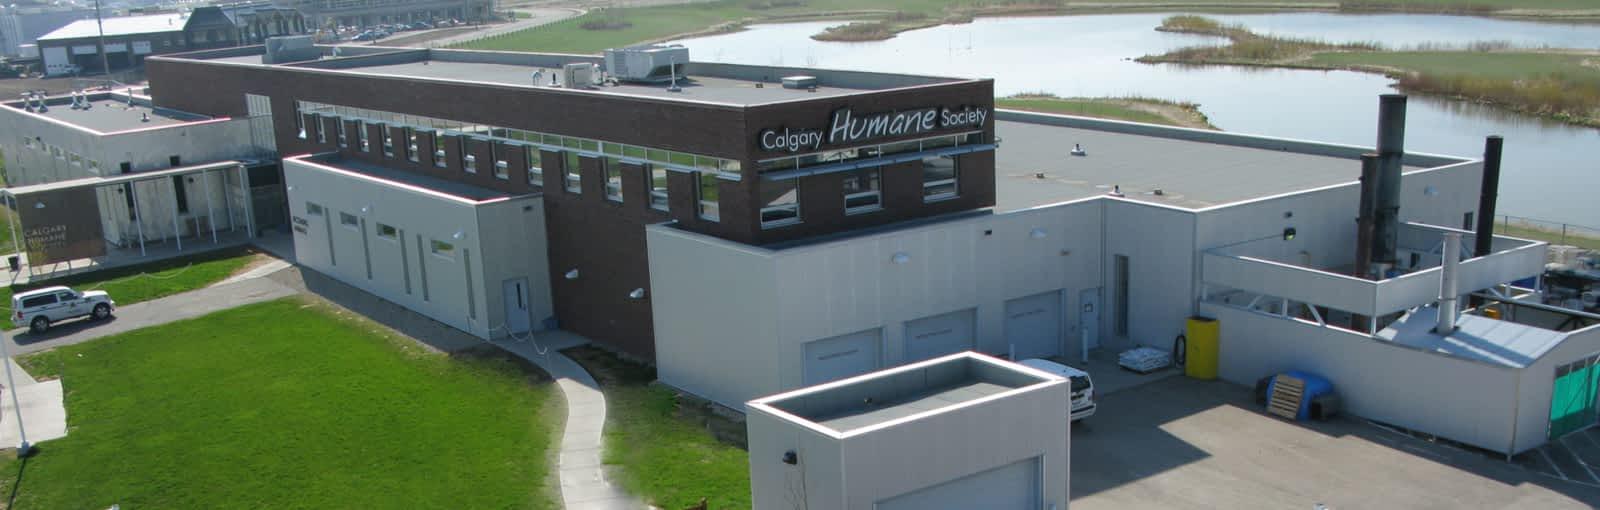 Calgary Humane Society - Opening Hours - 4455 110 Ave SE